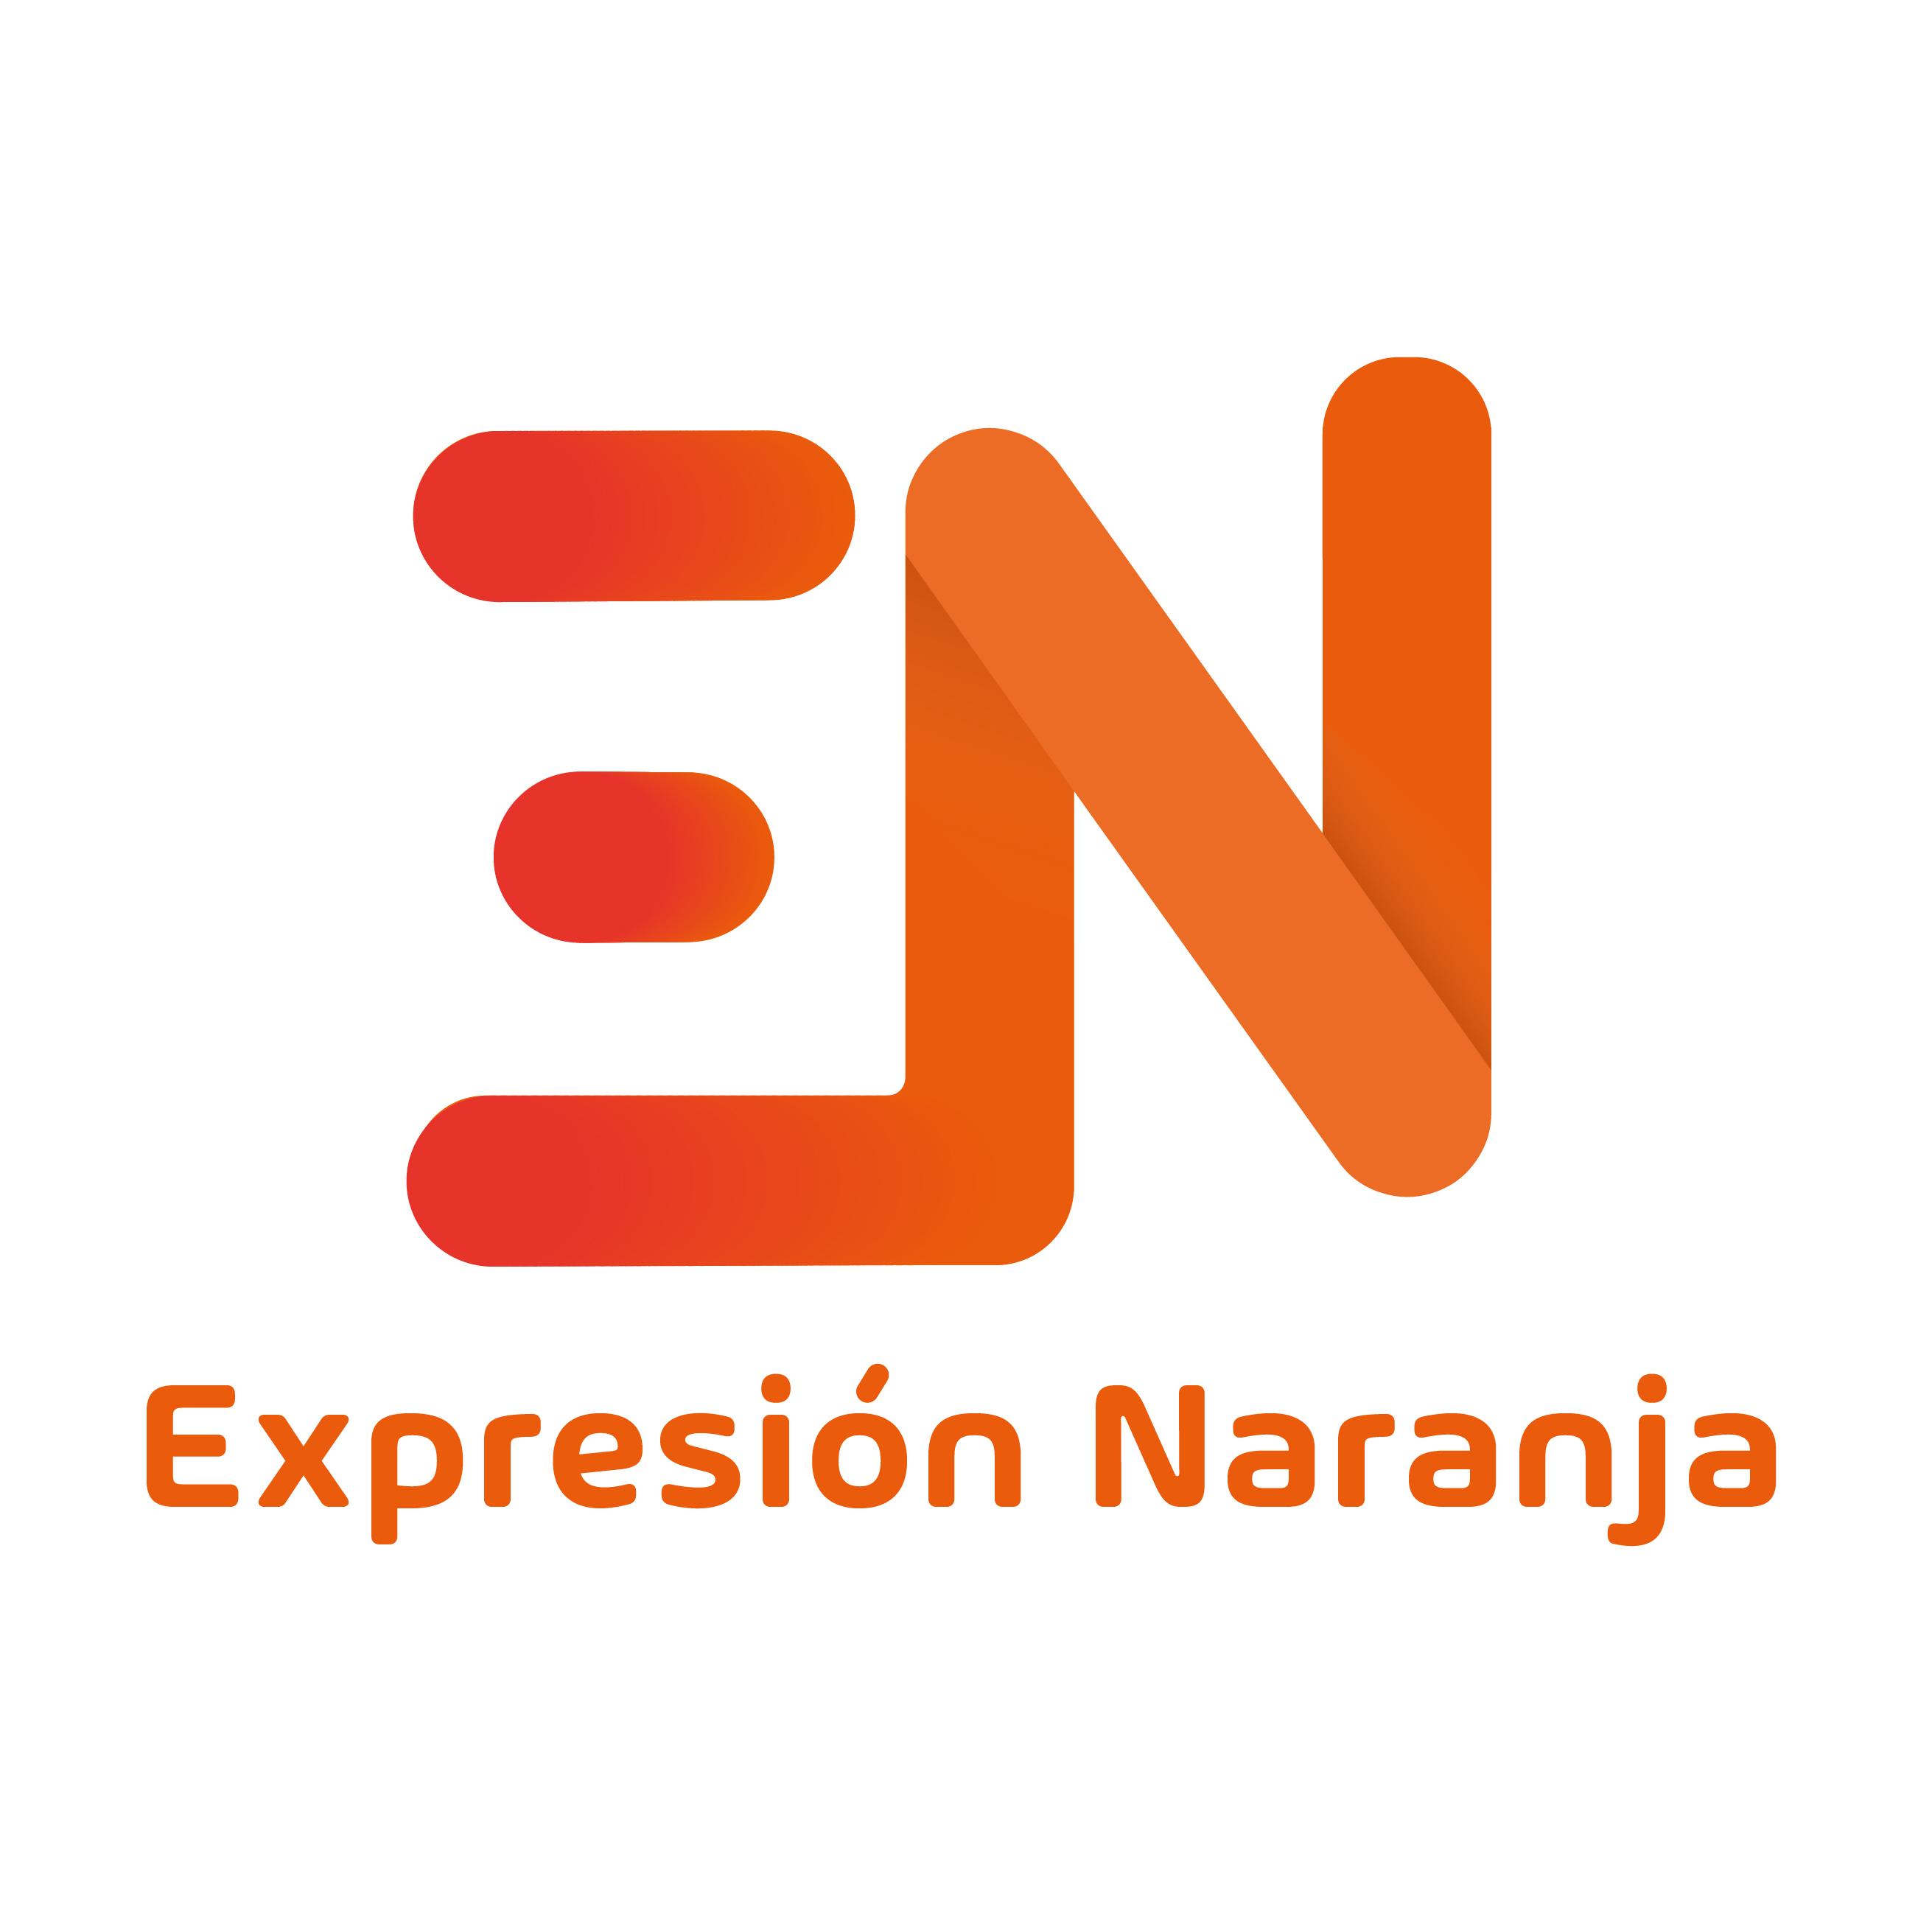 Expresión Naranja